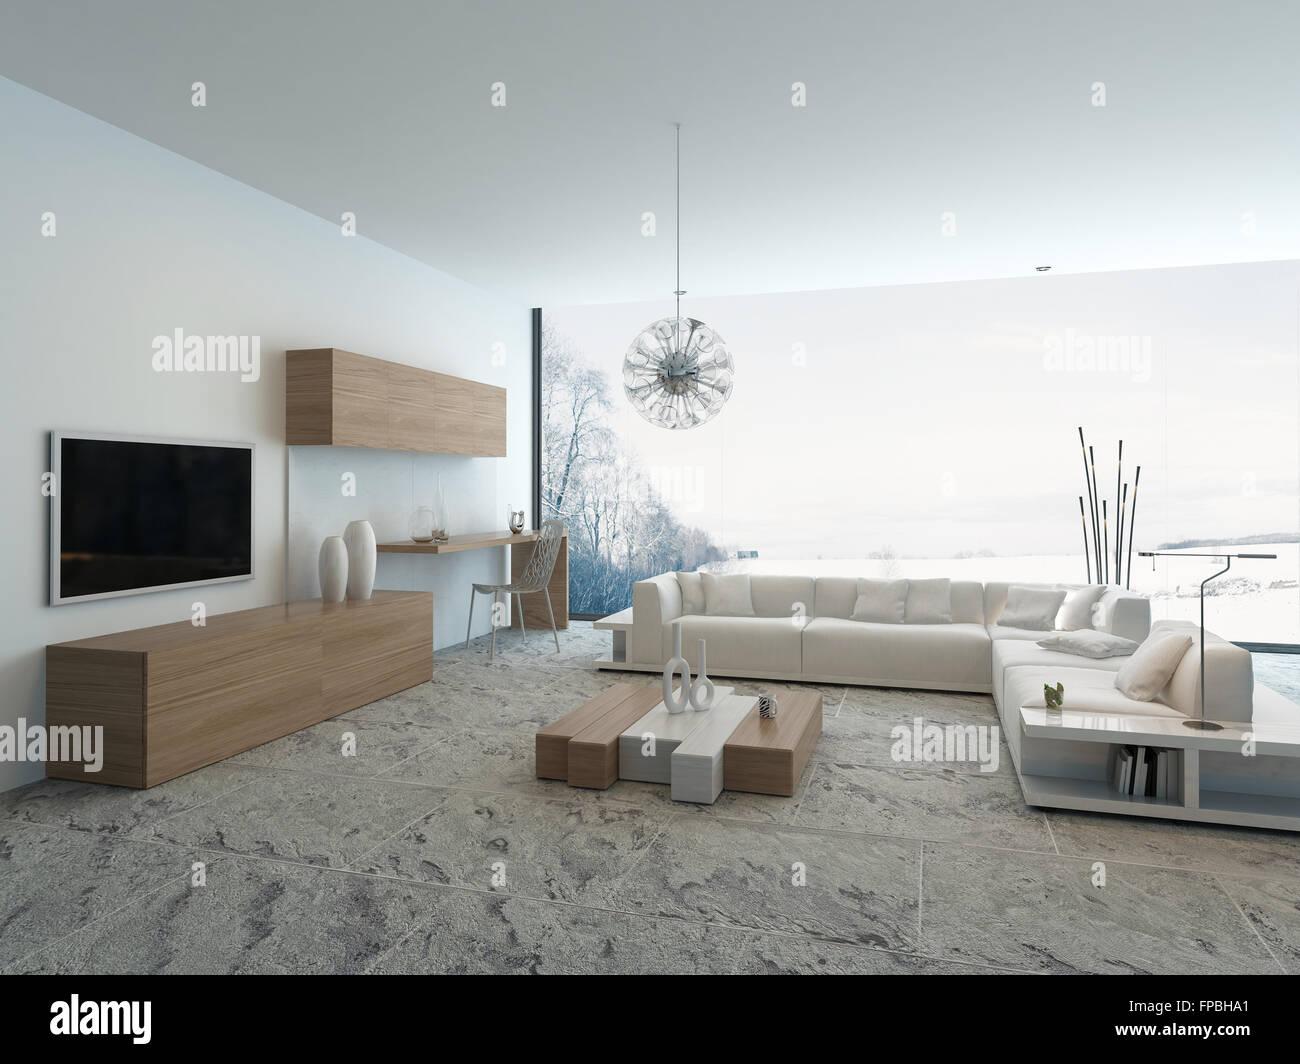 Zimmer moderne Innenarchitektur weißen Luxus Leben Stockfoto, Bild ...